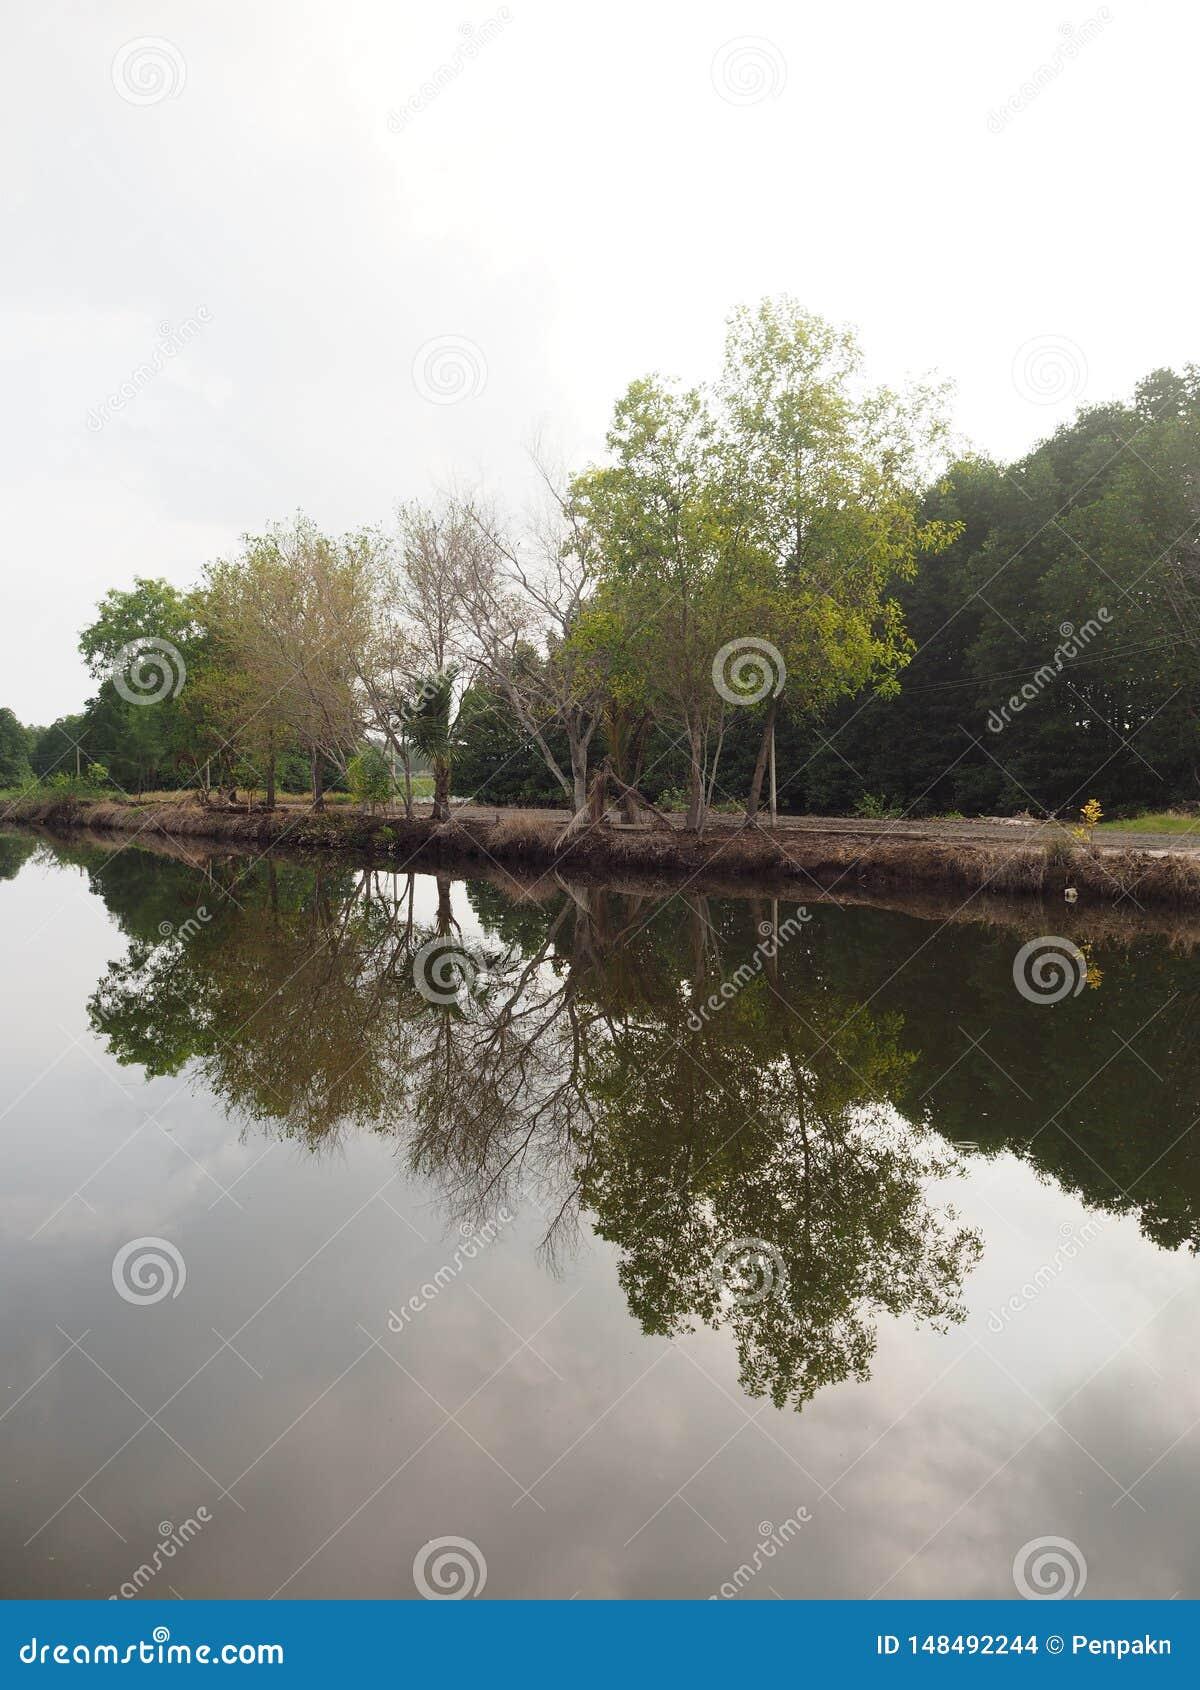 Mangroveboom in intertidal bosbezinning in het water